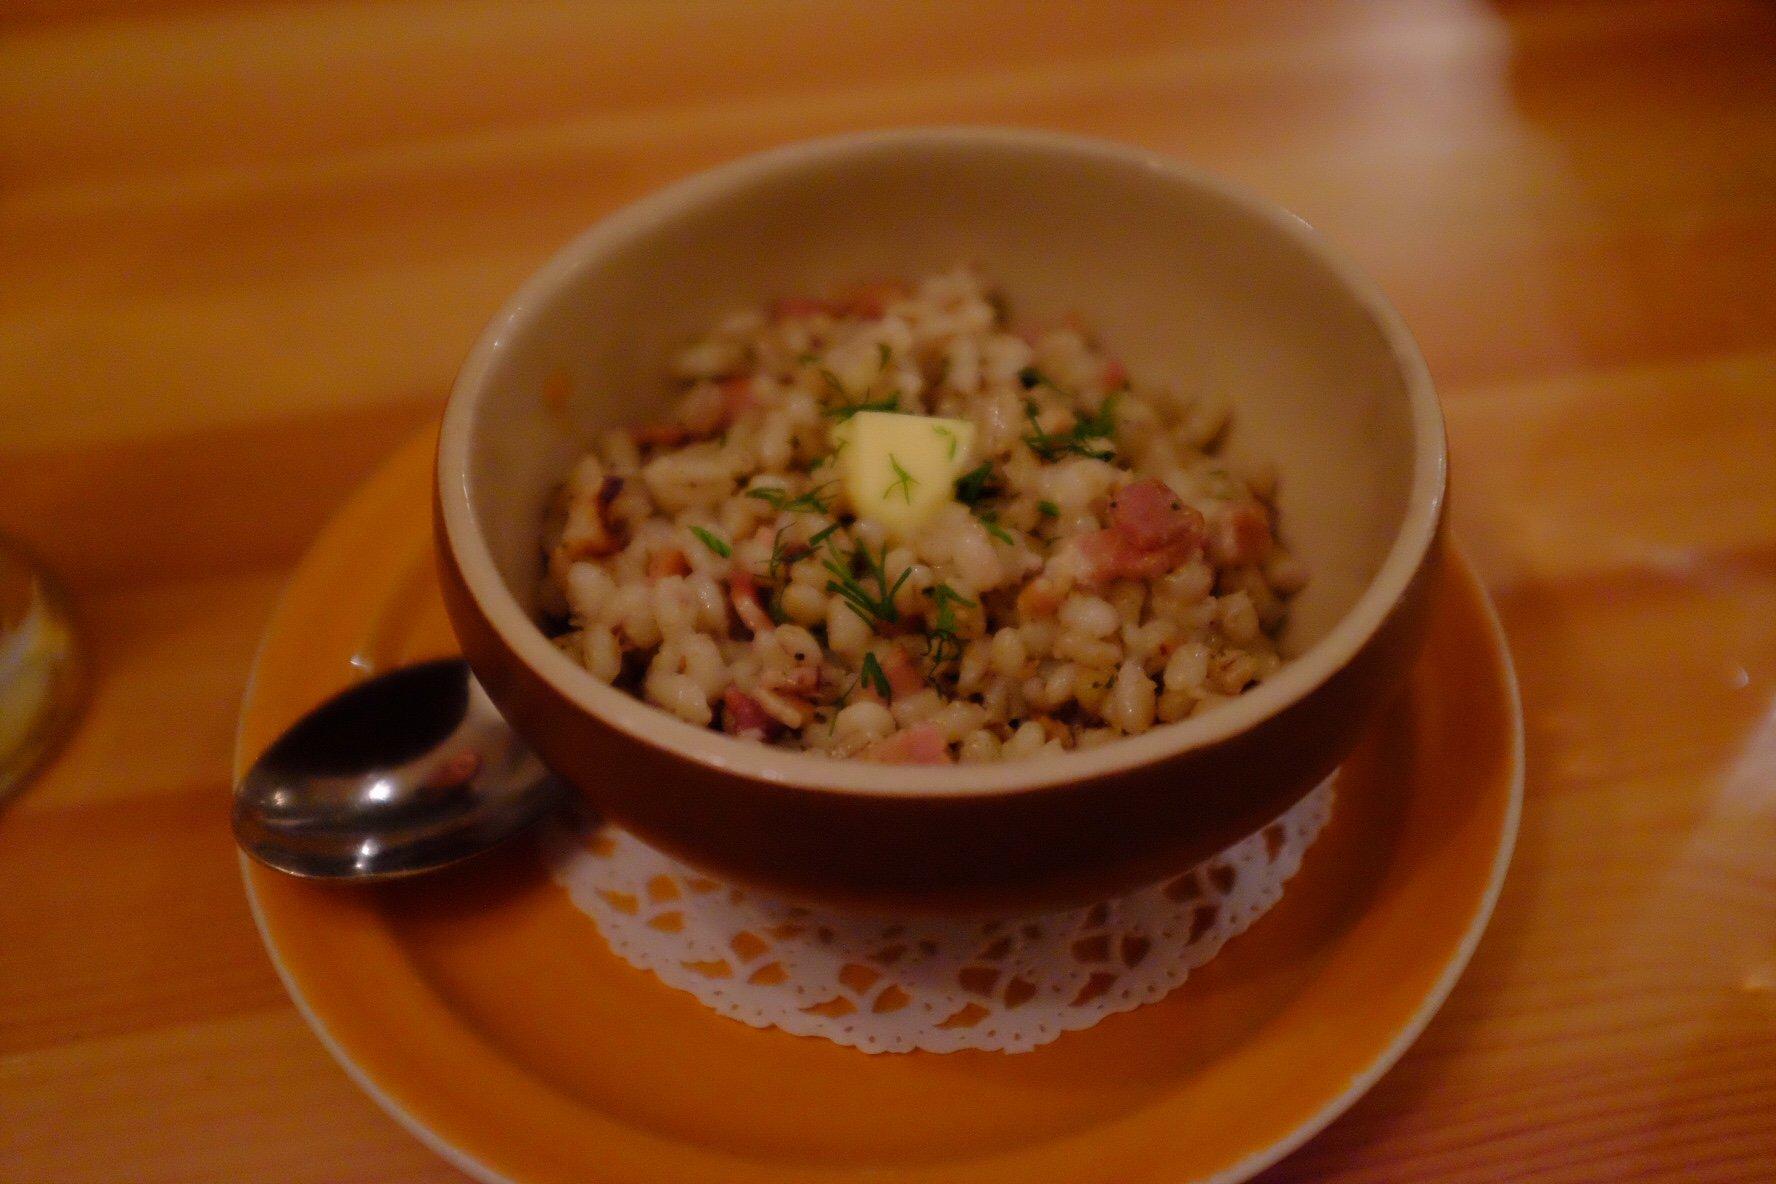 Kuldse Notsu: Oven baked pearl barley. Eaten in Tallinn